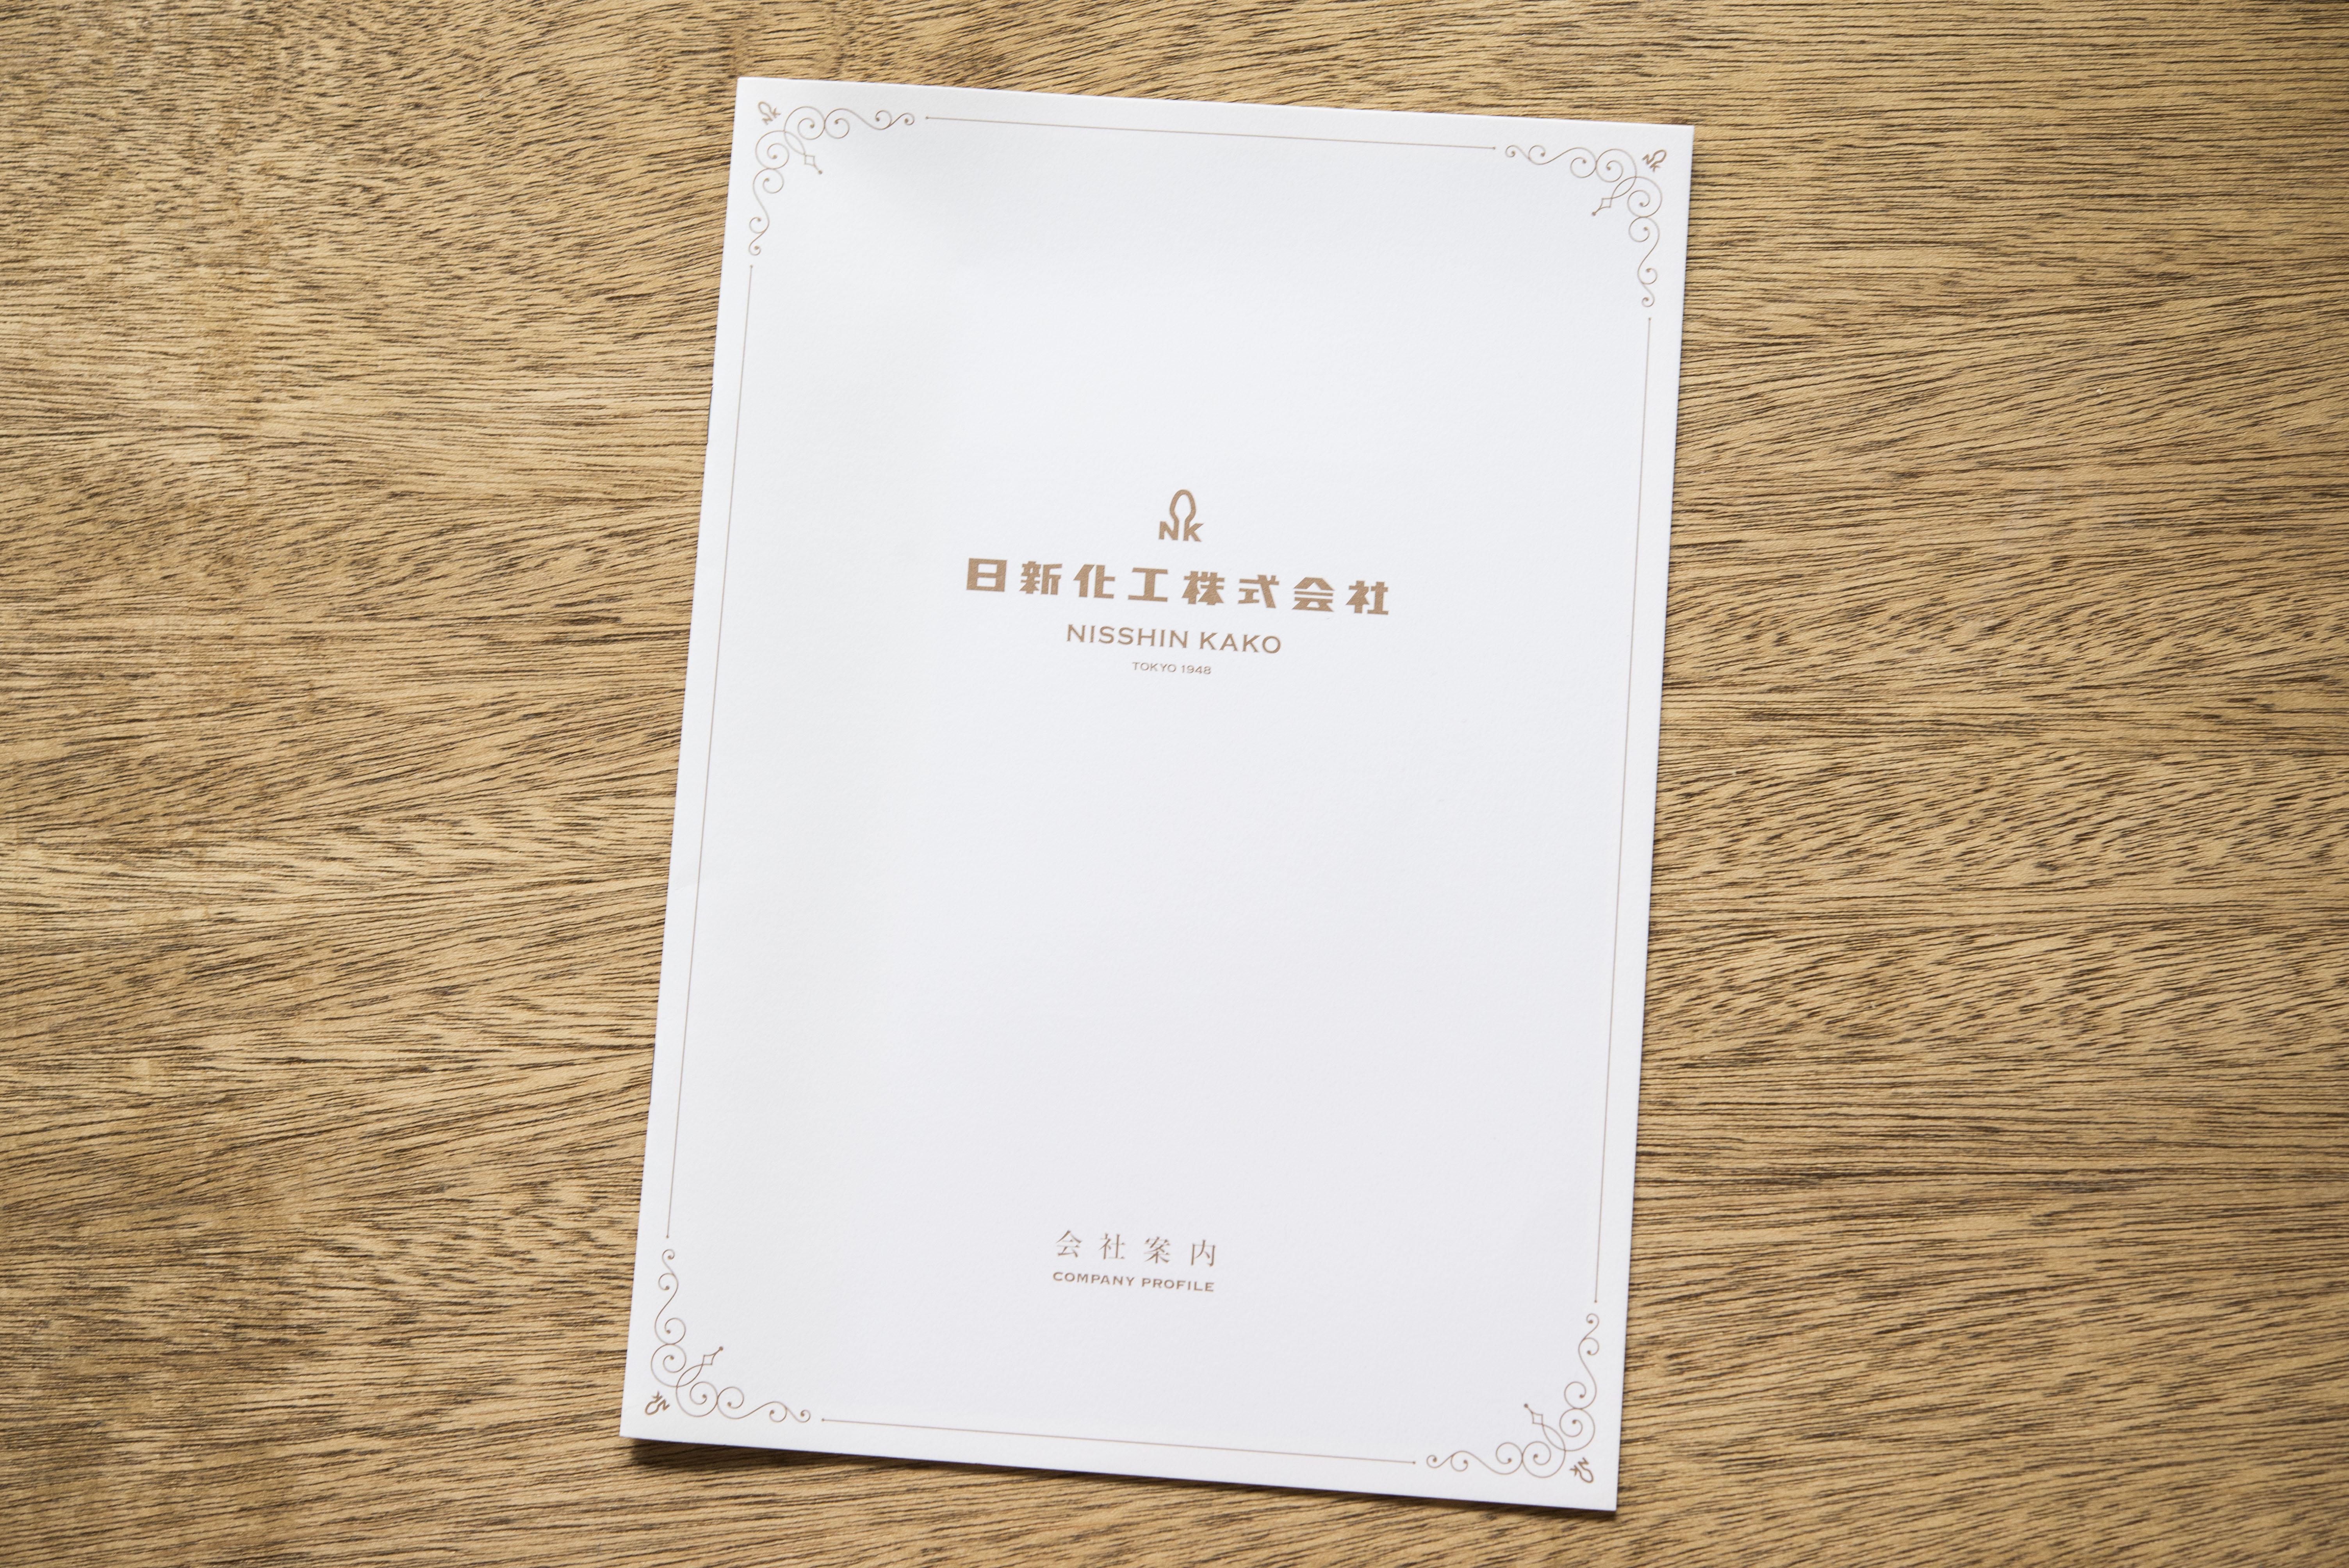 日新化工株式会社